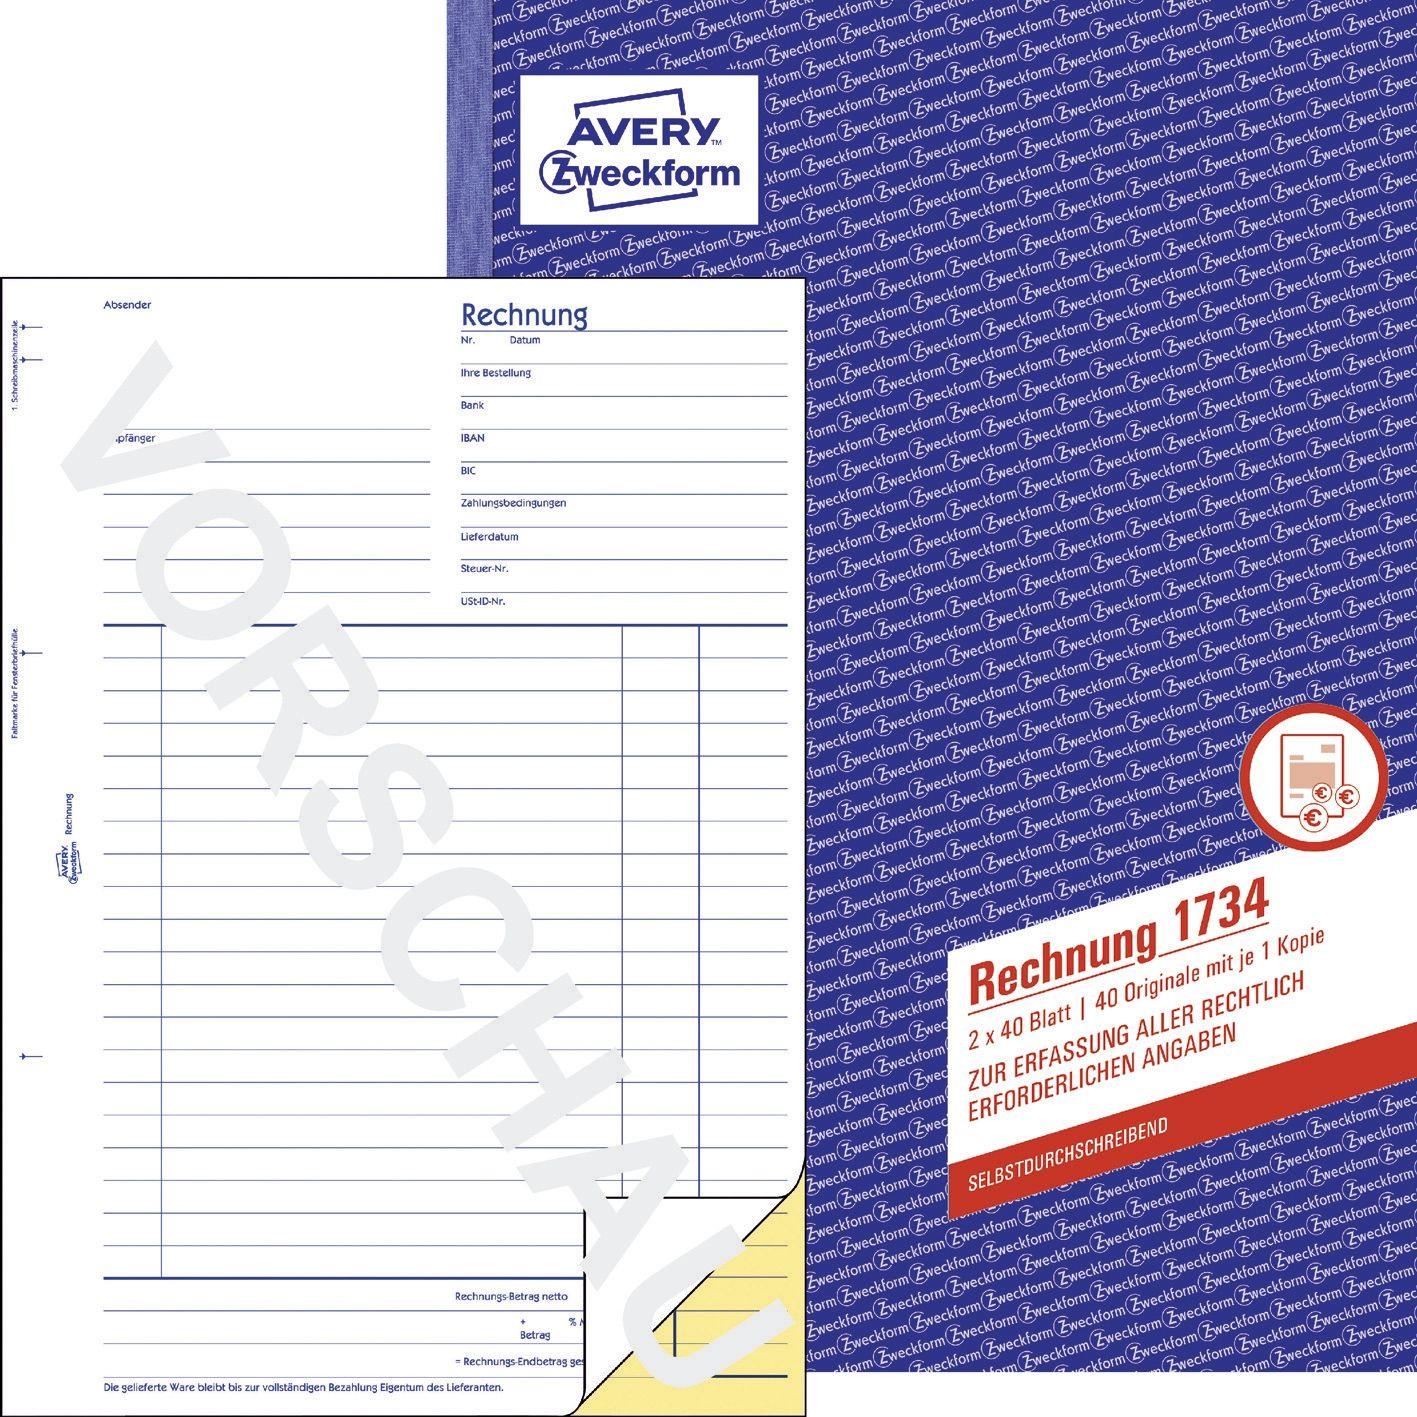 Rechnung Sd A4 2X50 Blatt 1734 Zweckform